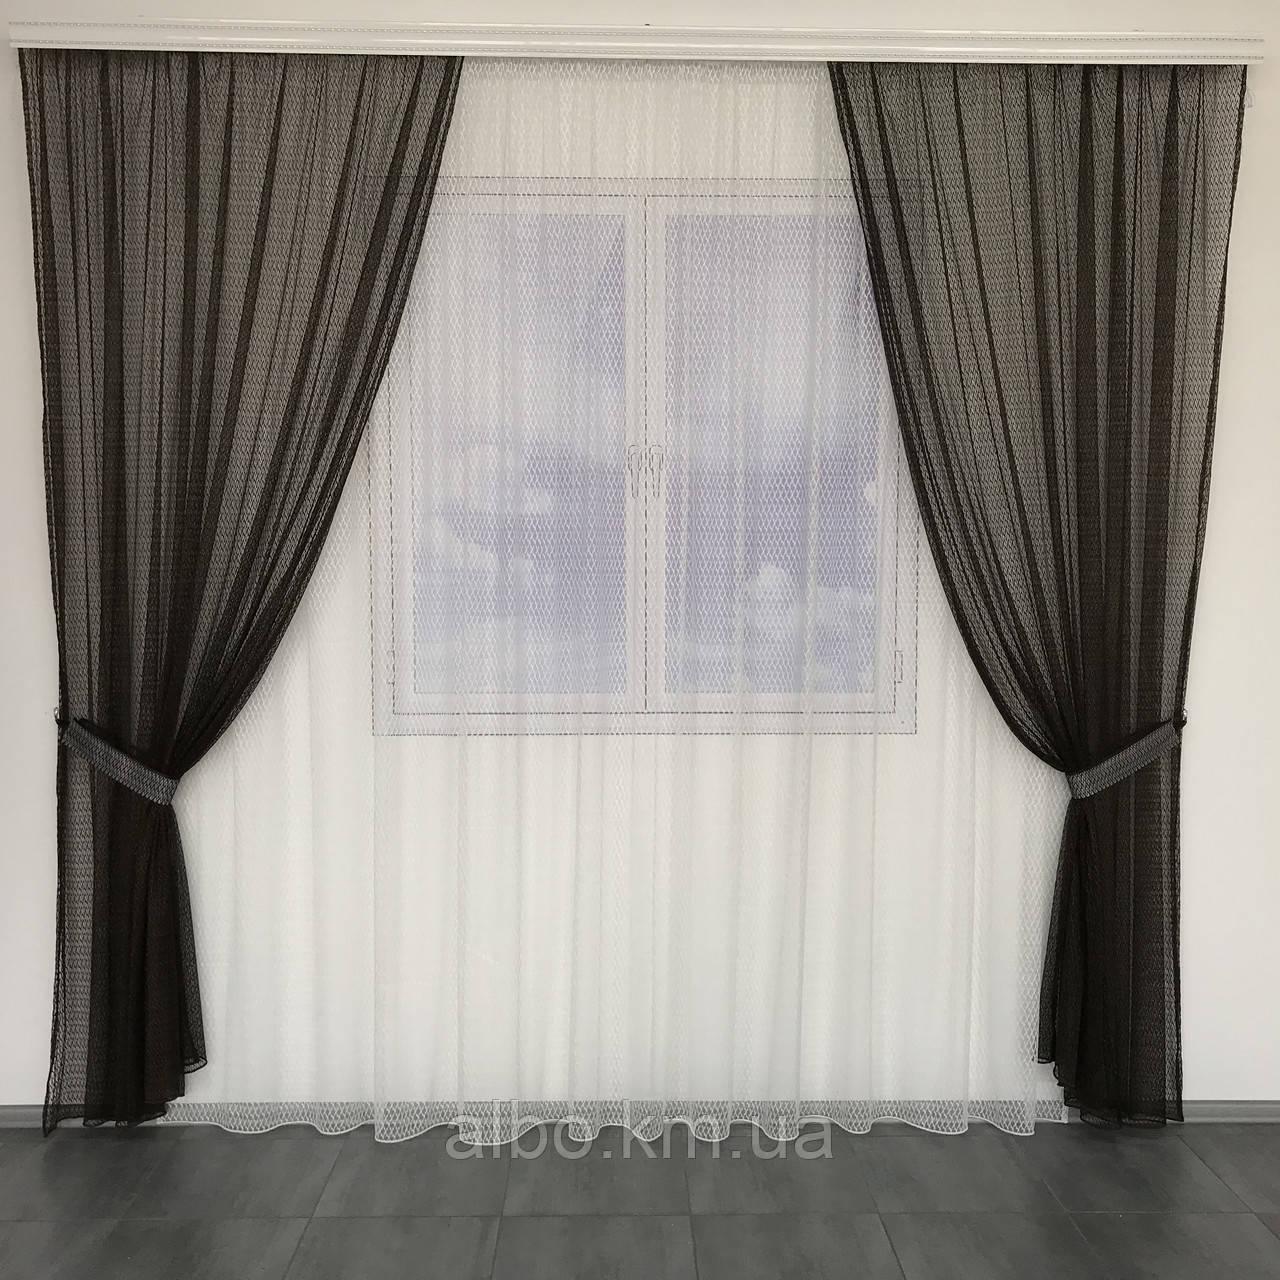 Штори і тюль в дитячу кімнату спальню, штори з сітки на кухню, штори для залу кімнати кабінету 200x270 cm (2 шт) і тюль 400x270 cm